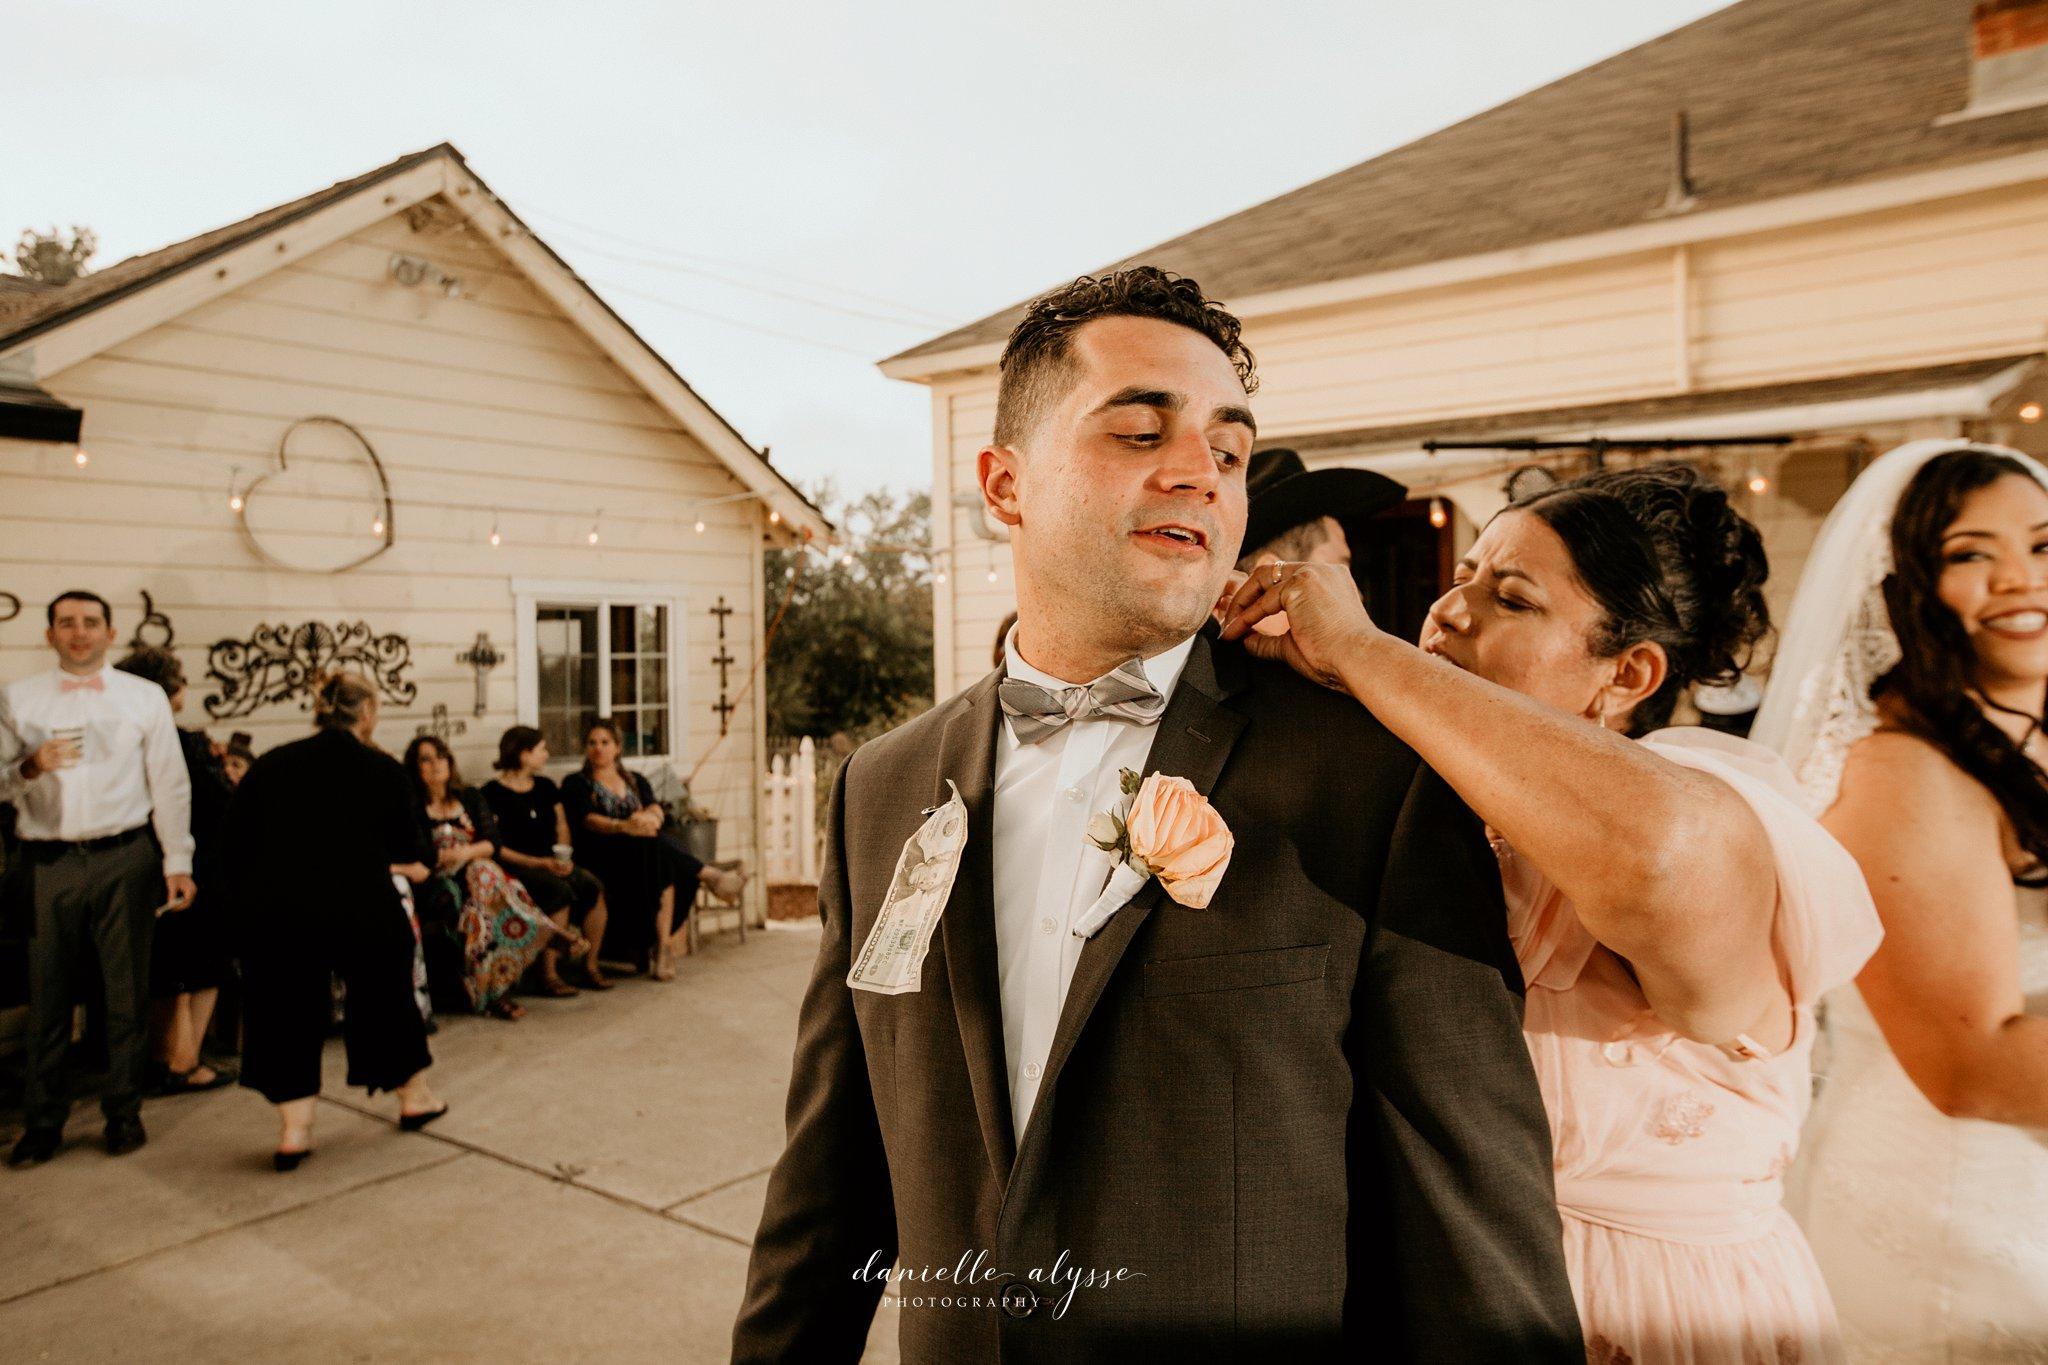 180630_wedding_lily_ryan_mission_soledad_california_danielle_alysse_photography_blog_1093_WEB.jpg